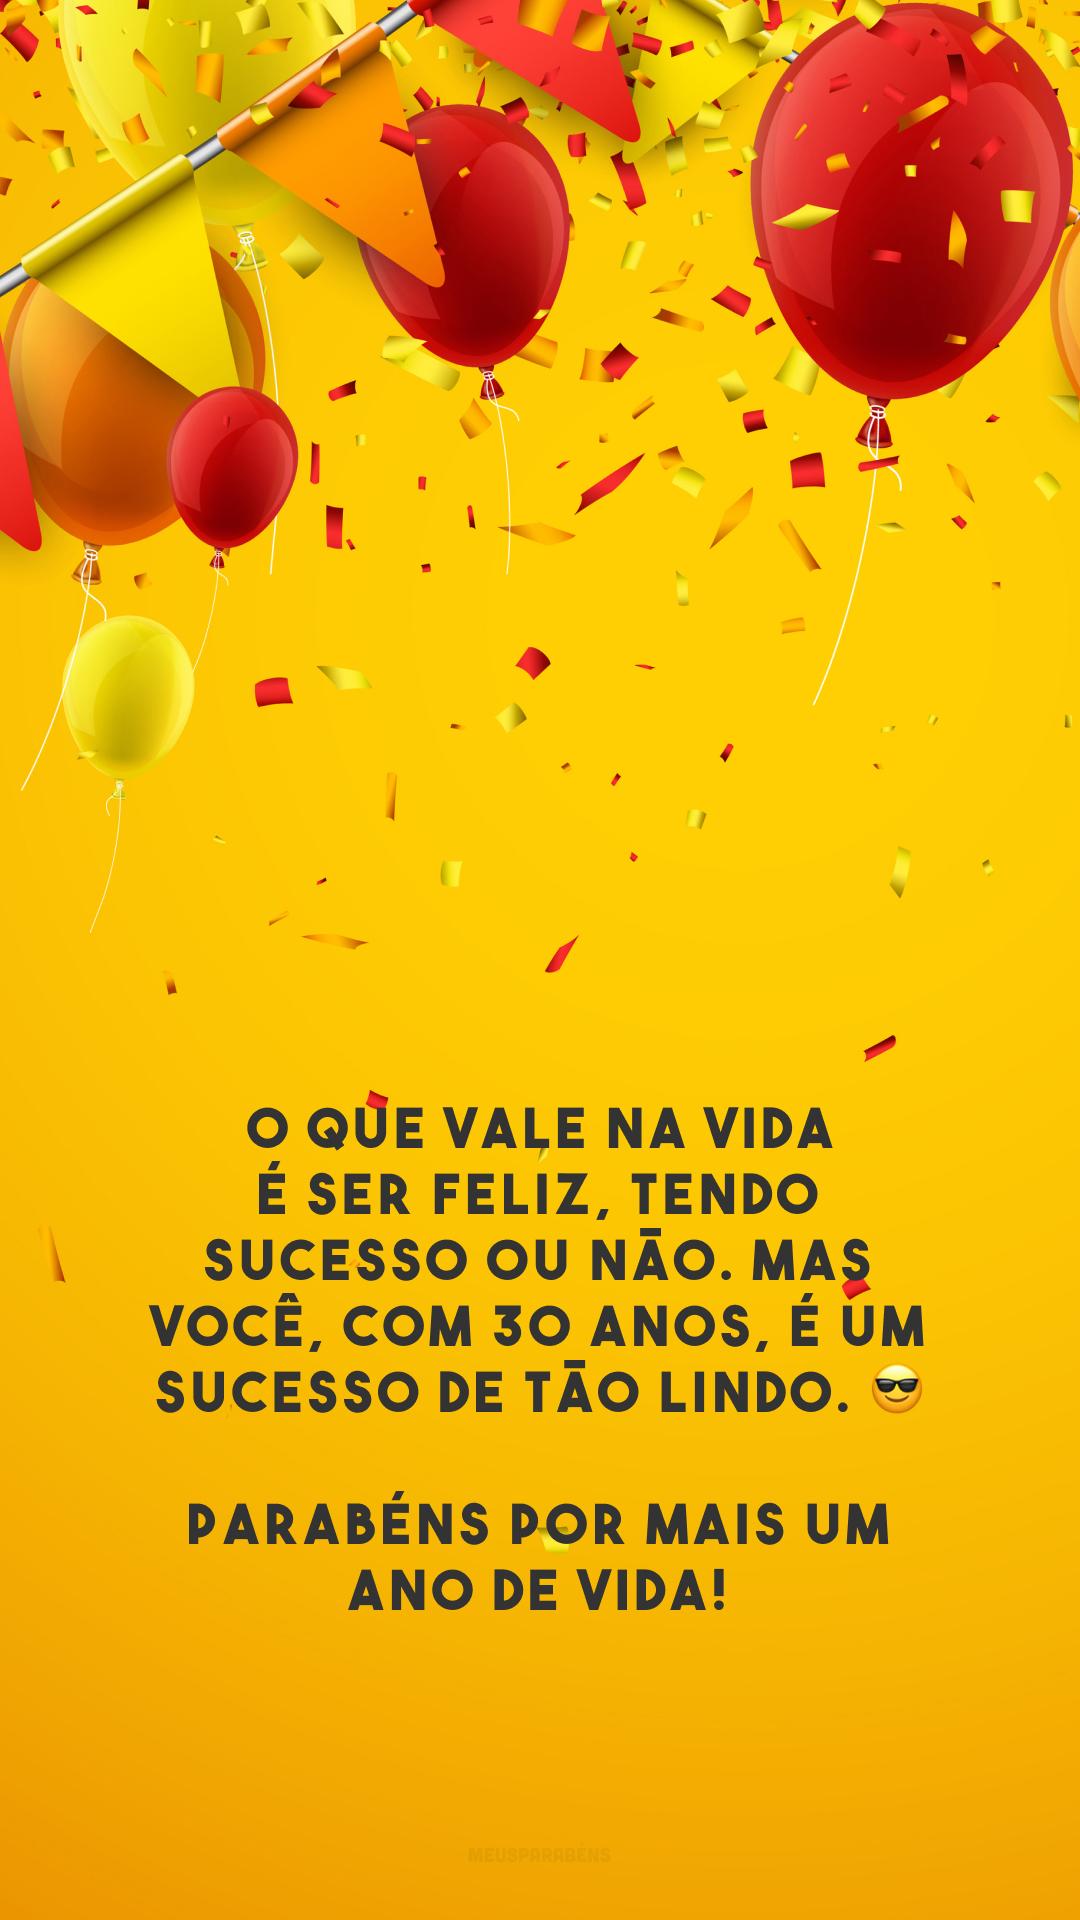 O que vale na vida é ser feliz, tendo sucesso ou não. Mas você, com 30 anos, é um sucesso de tão lindo. 😎 Parabéns por mais um ano de vida!